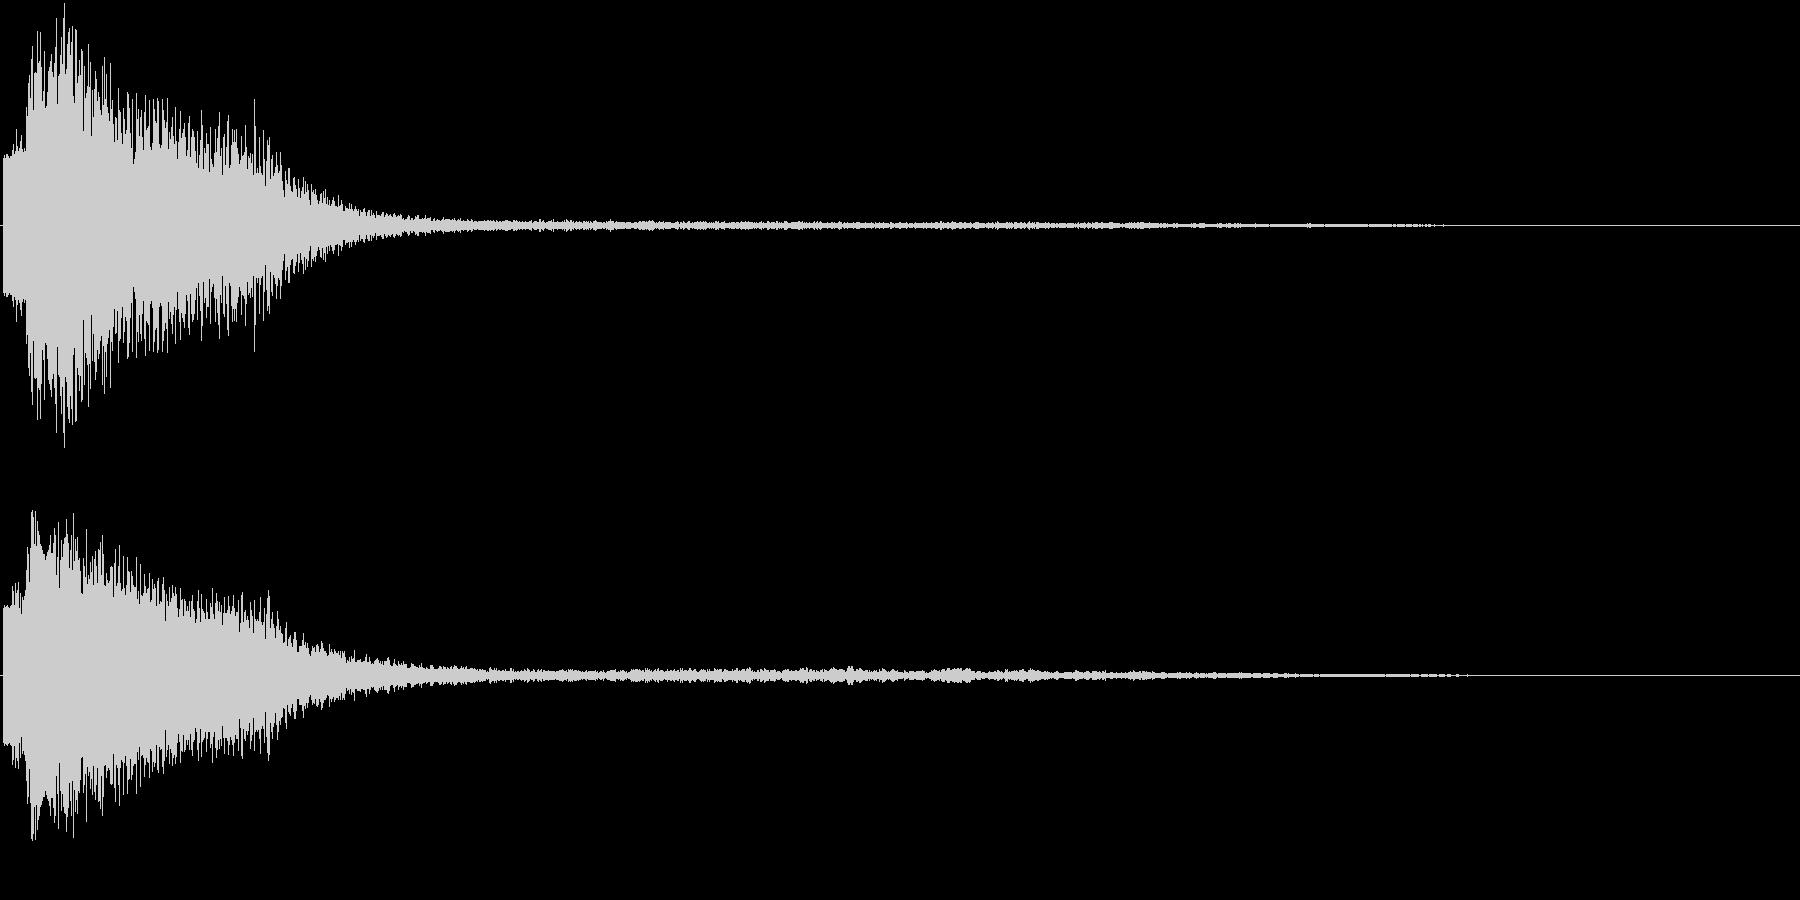 レーザービームの音の未再生の波形